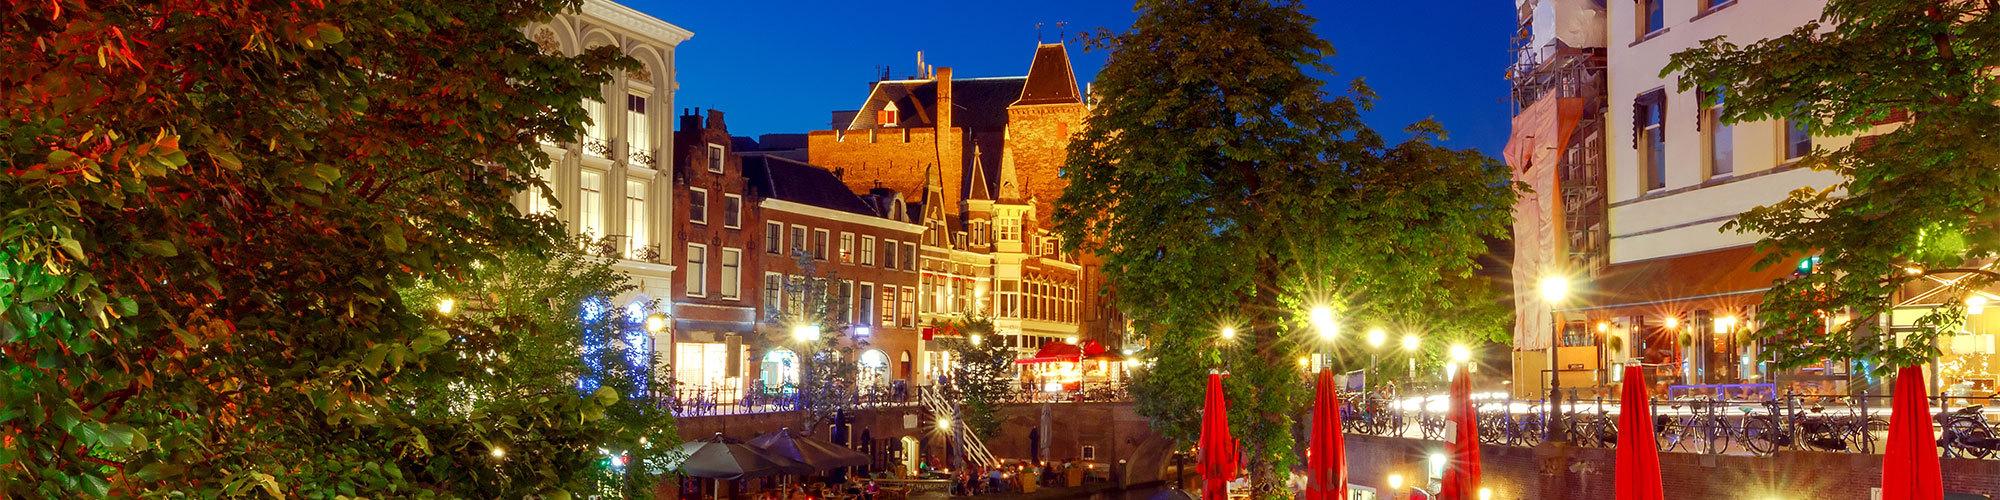 Utrecht header